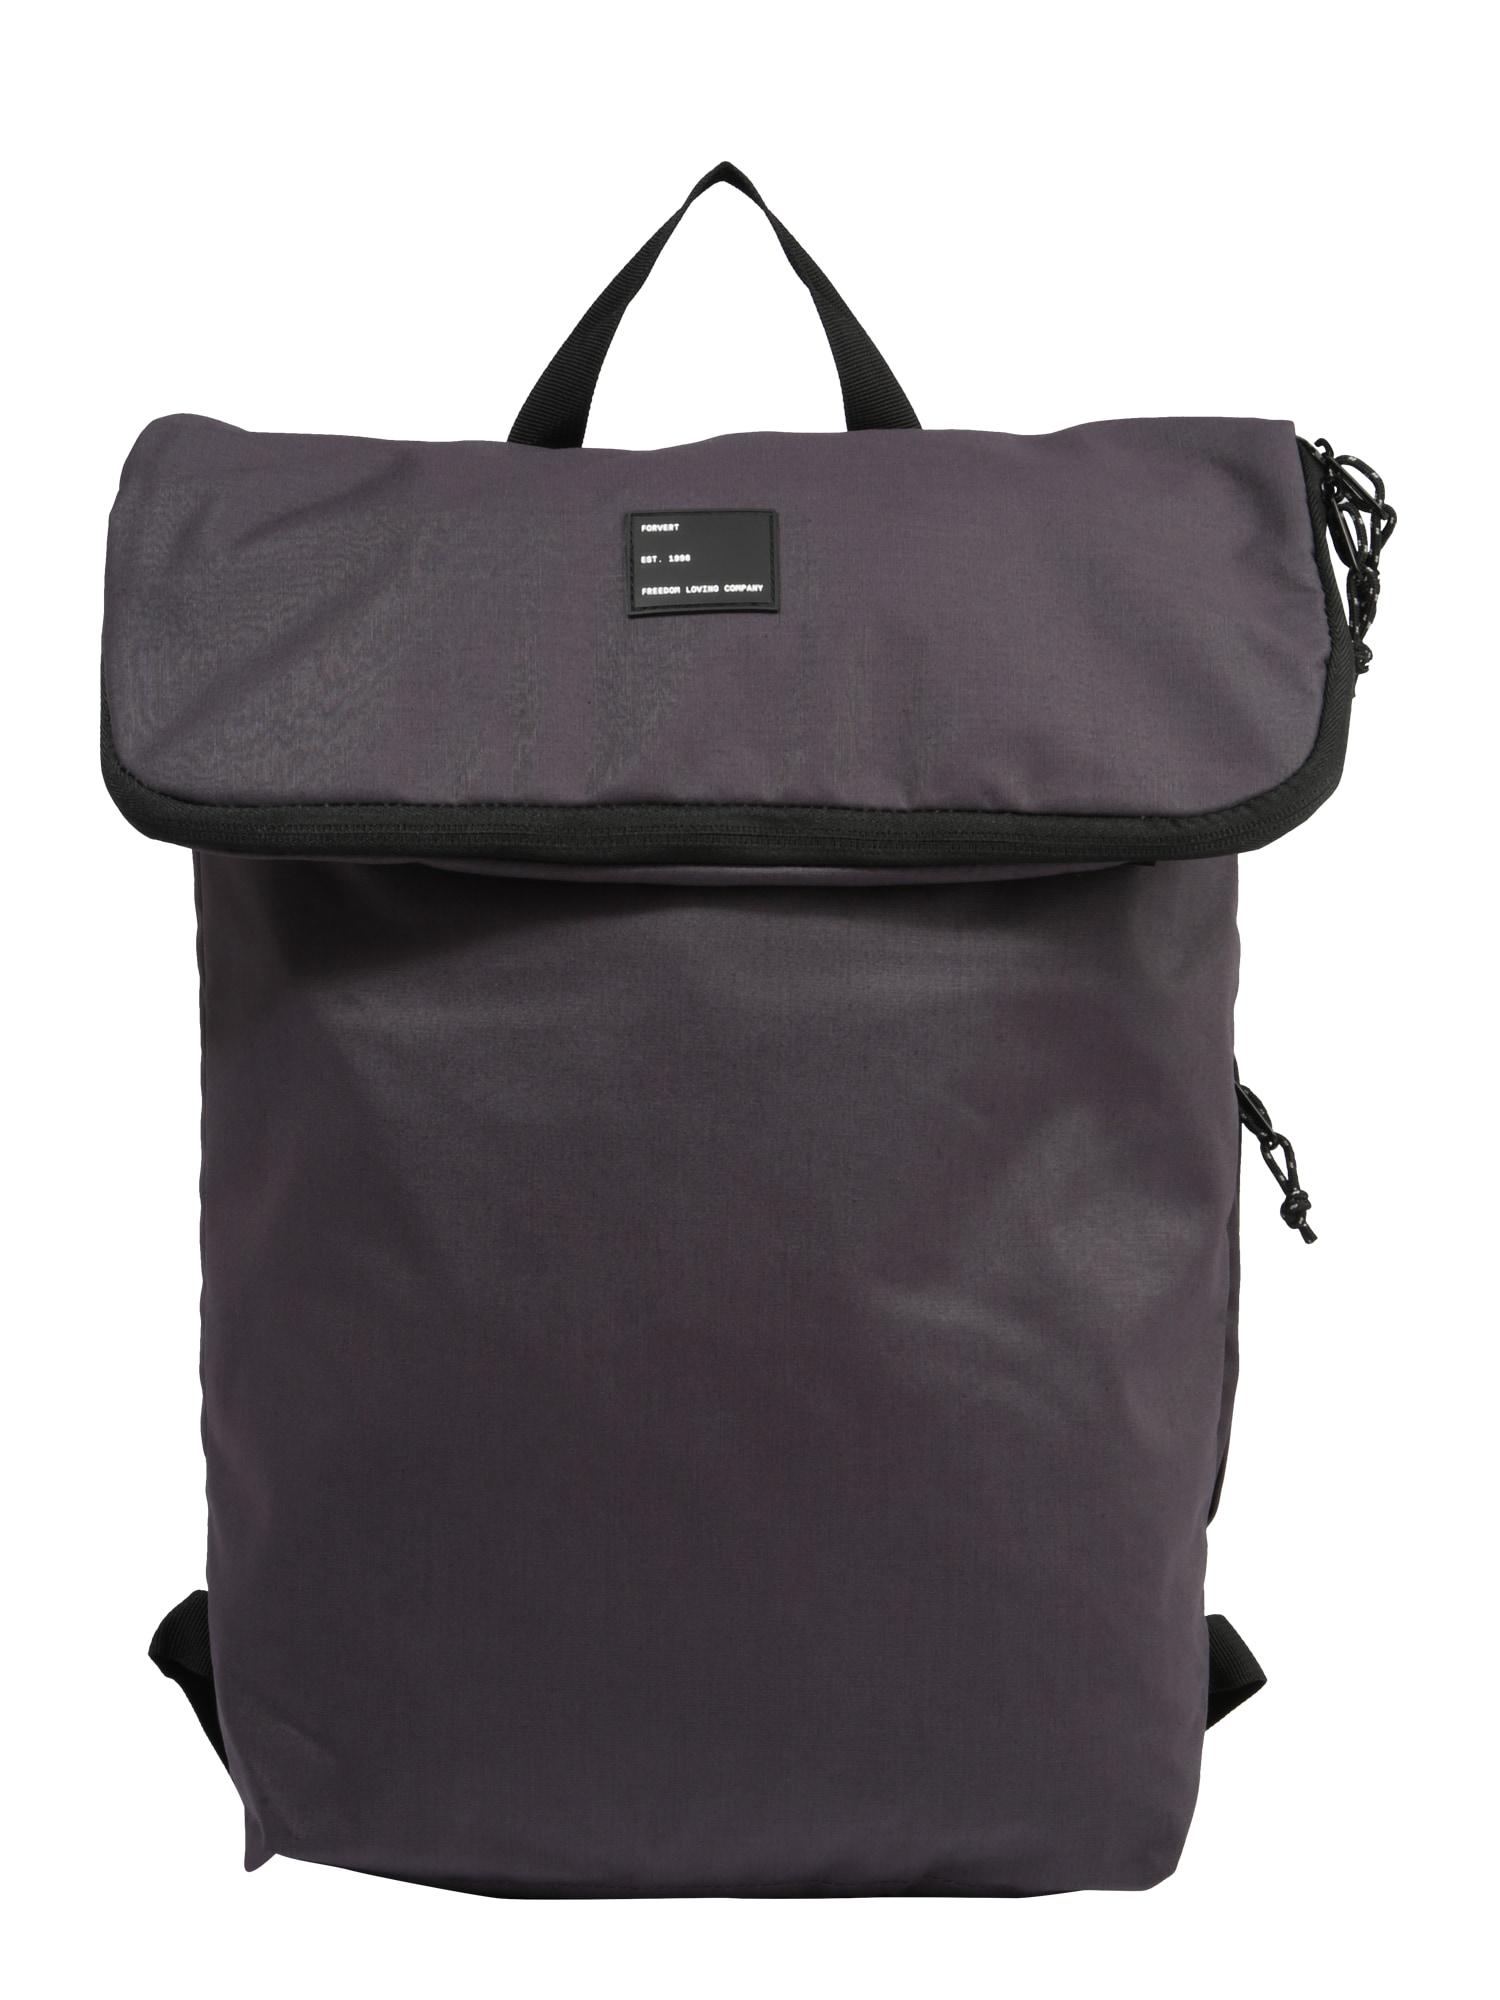 Forvert Nešiojamojo kompiuterio krepšys 'Drew' tamsiai pilka